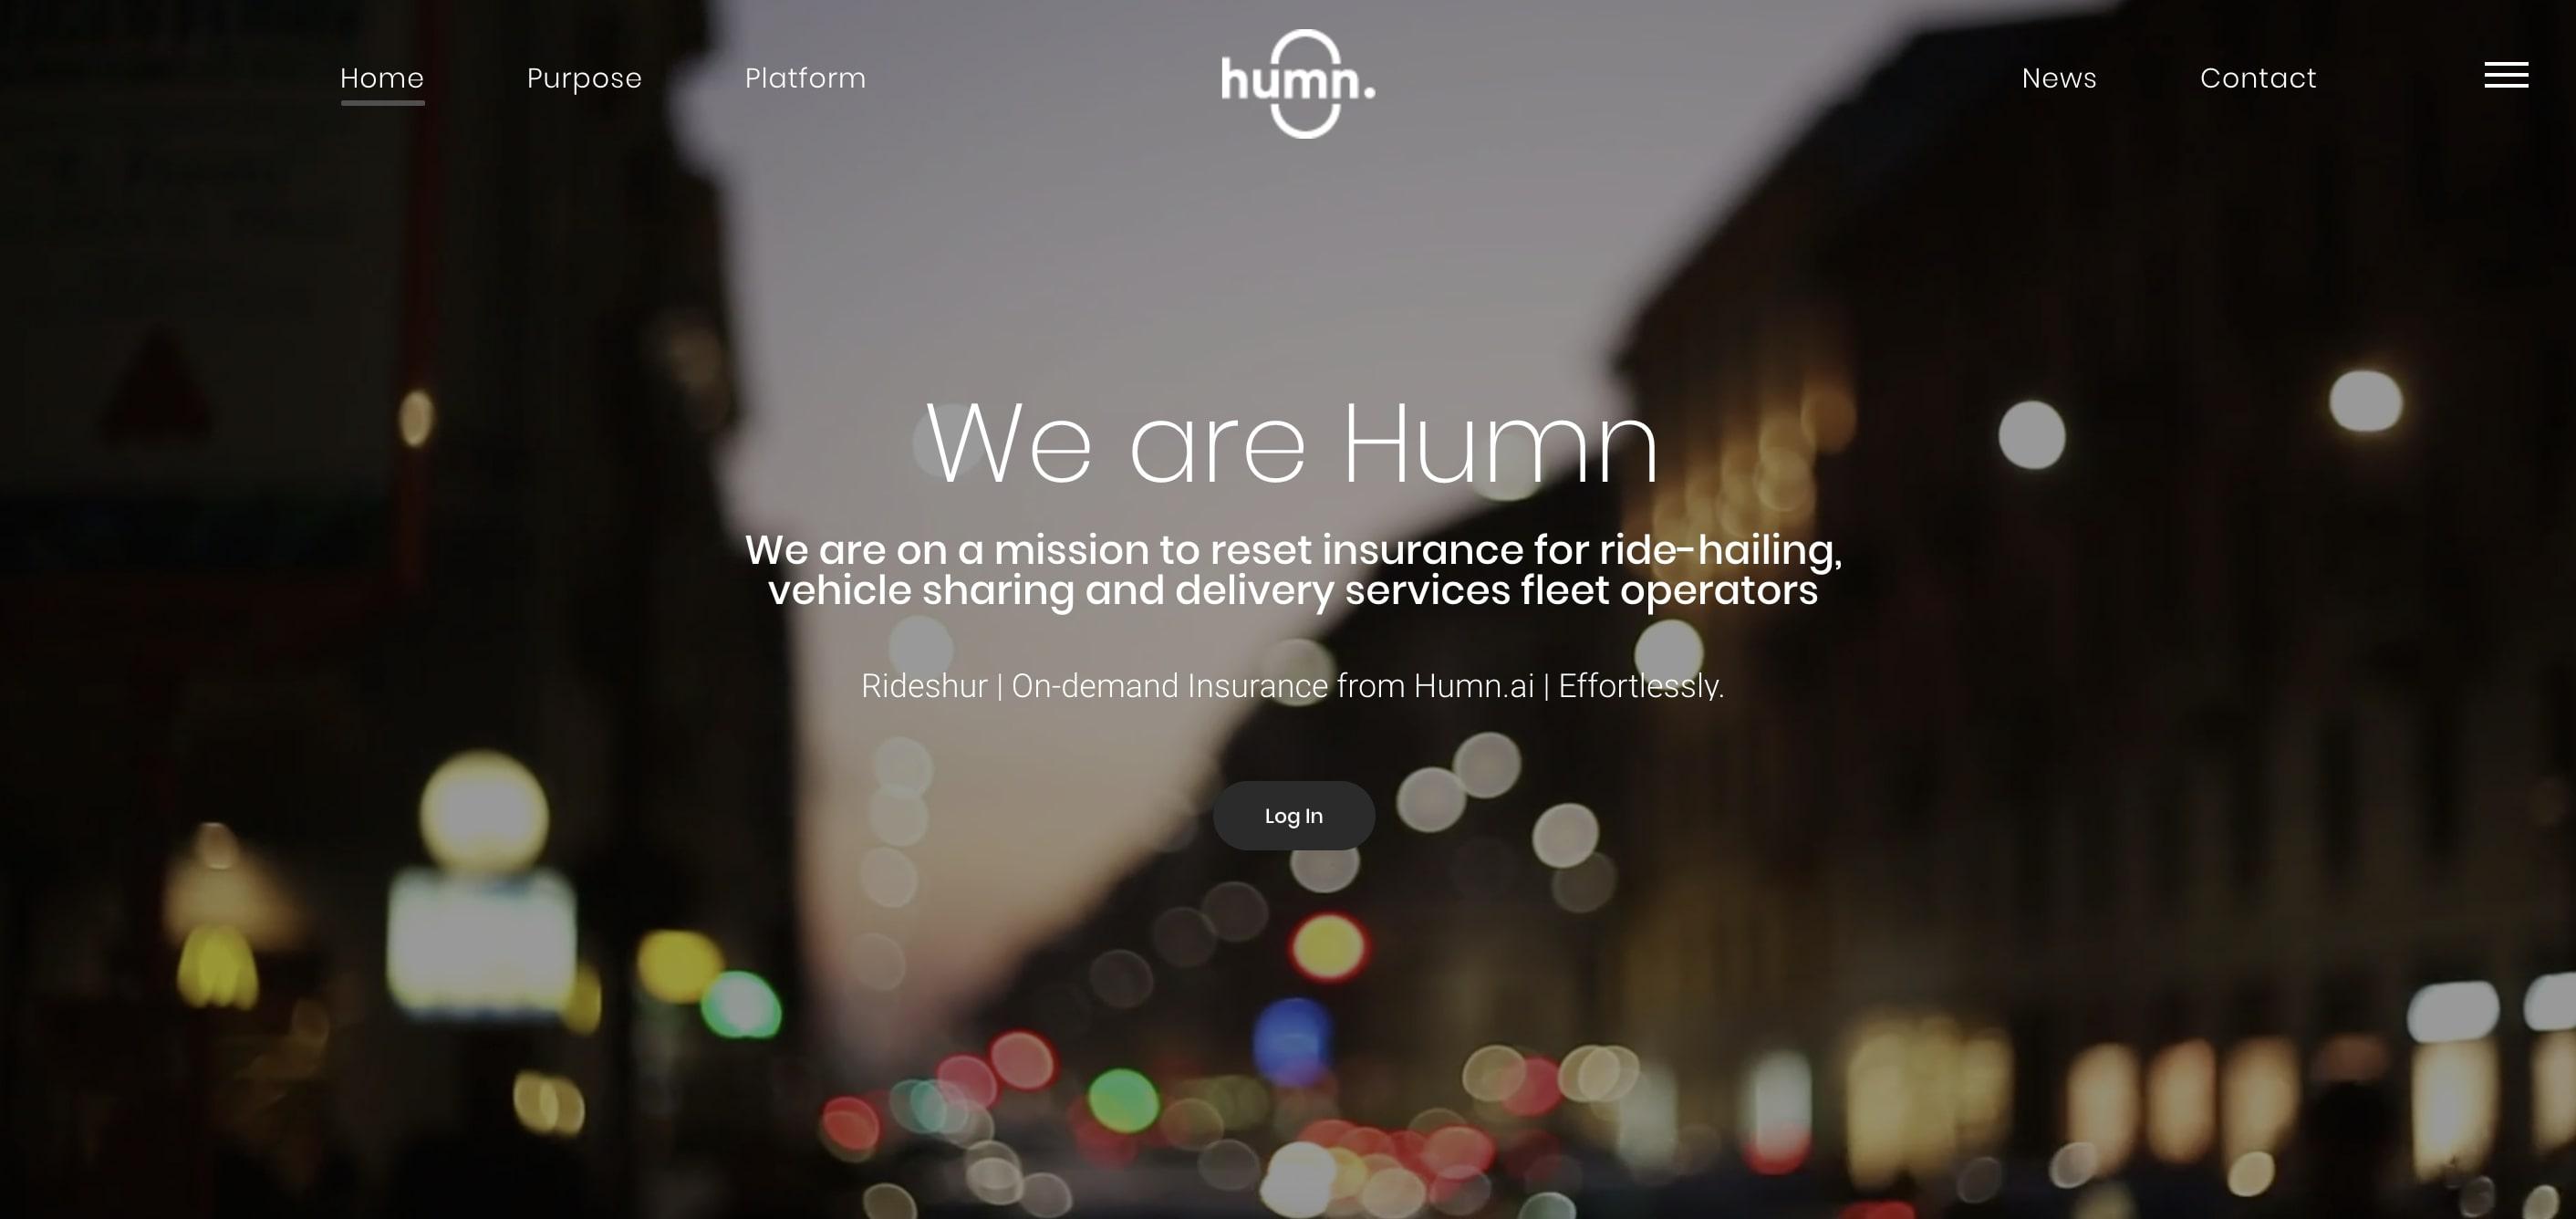 Humn AI company website homepage